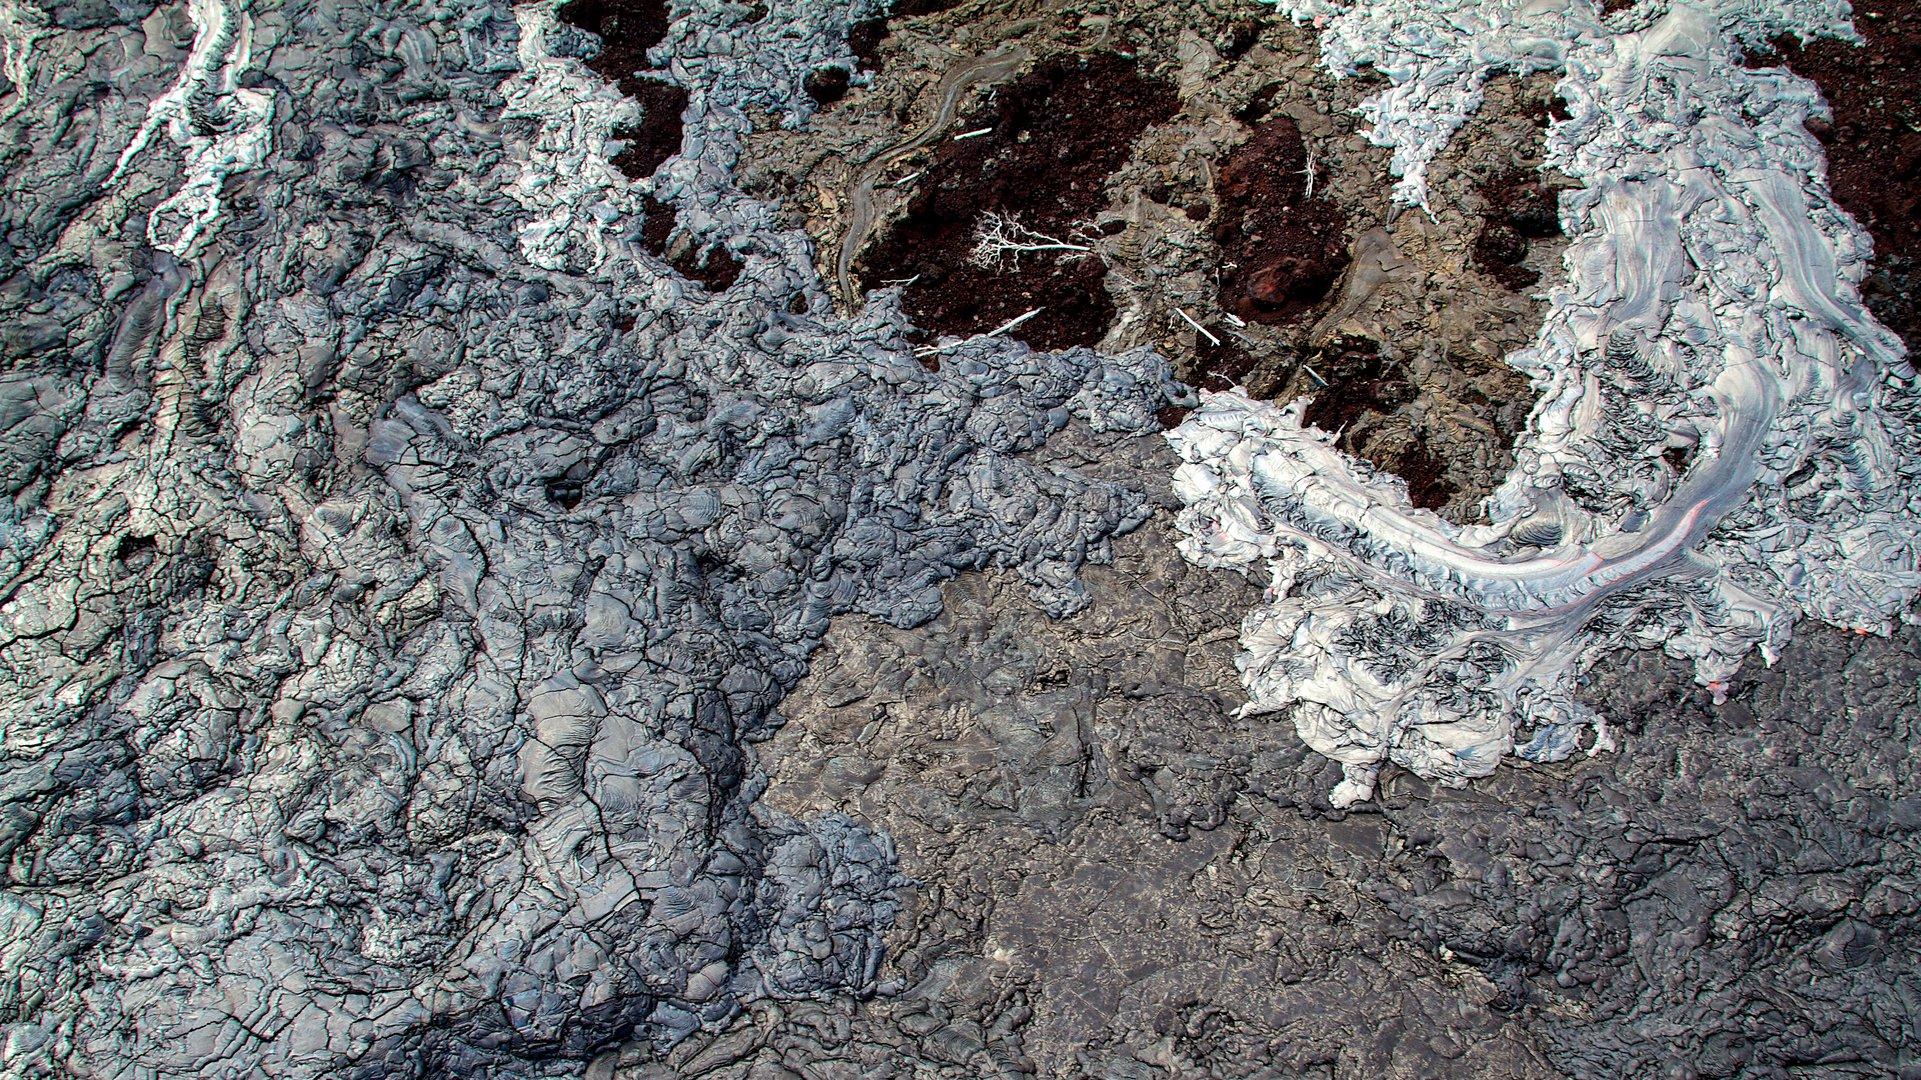 Lava field from heli